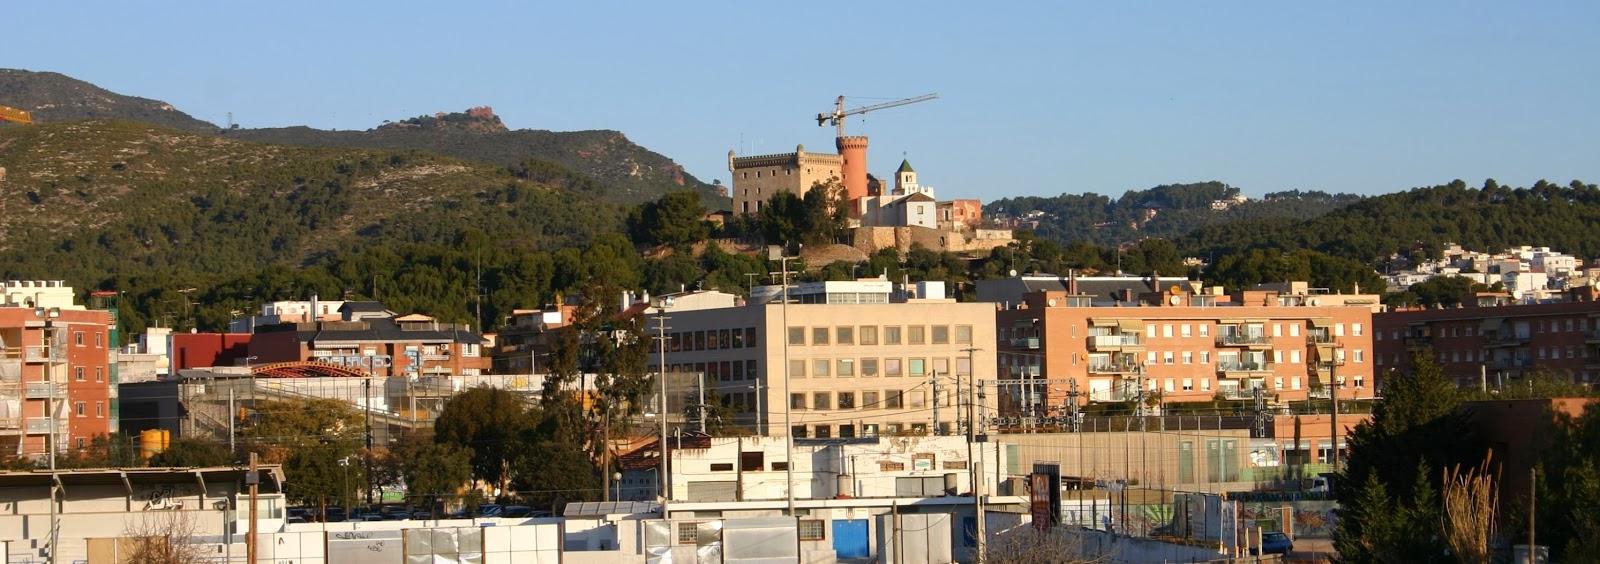 web municipal castelldefels